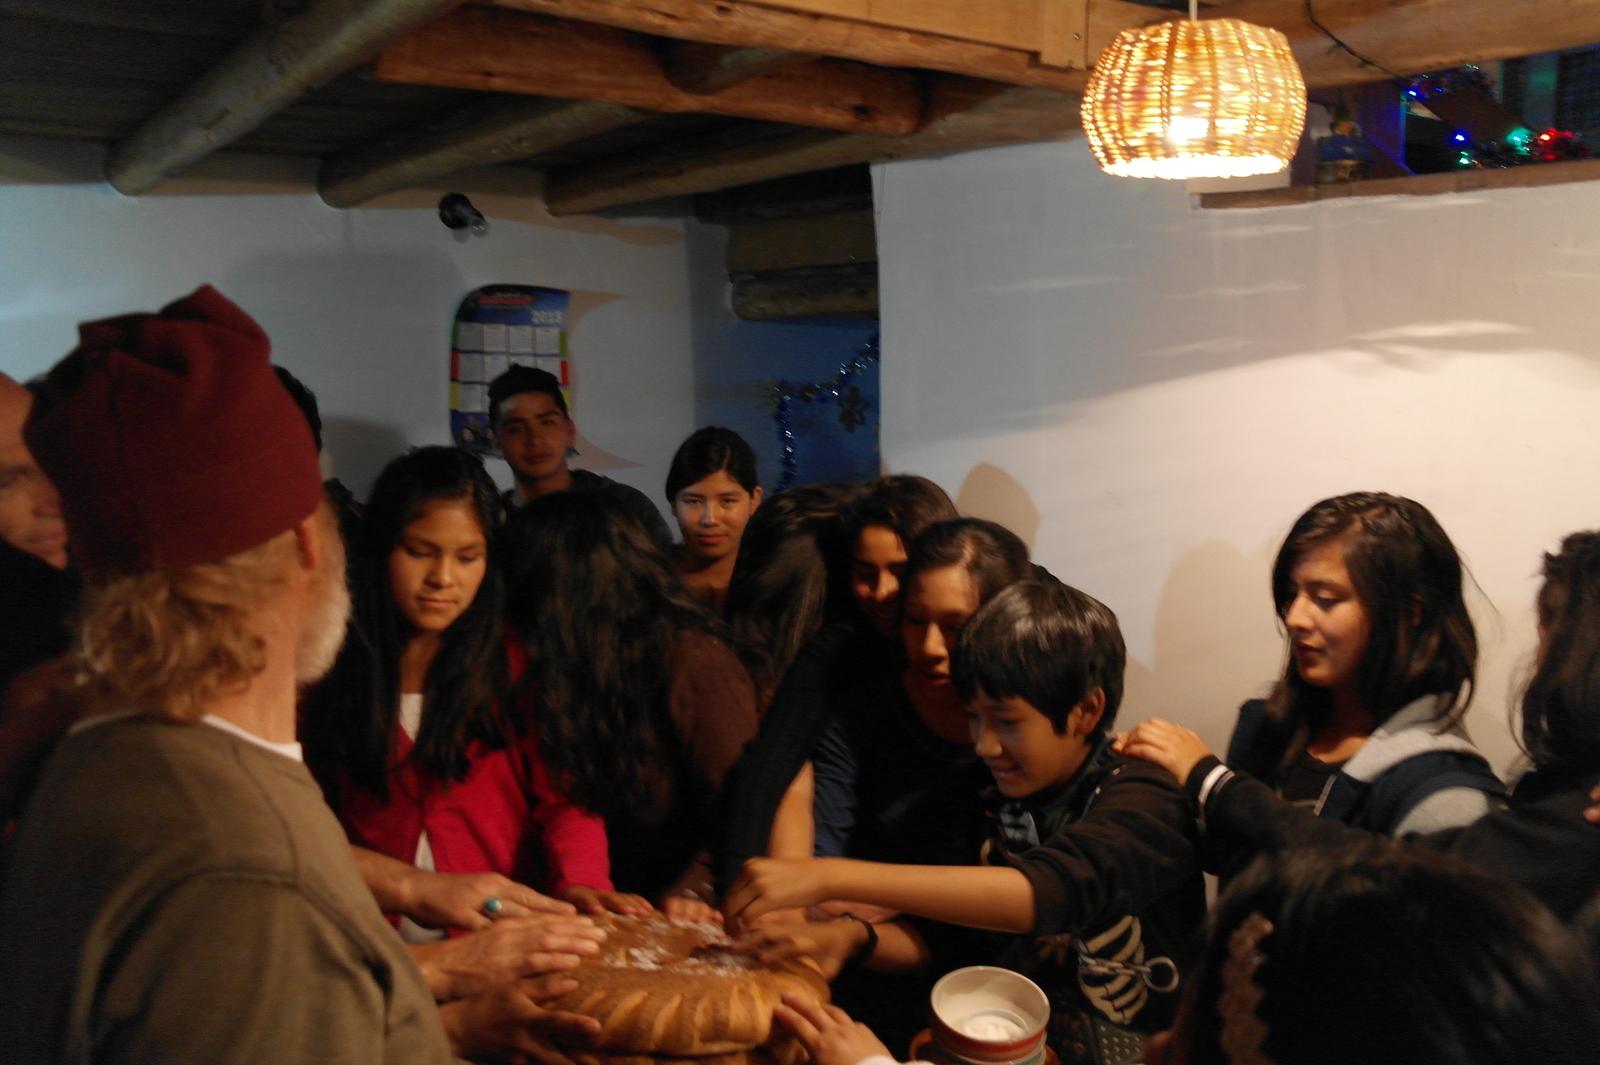 29 we staan om de gedekte tafel en worden uitgenodigd allemaal onze handen op het grote ronde eigen gebakken brood te leggen